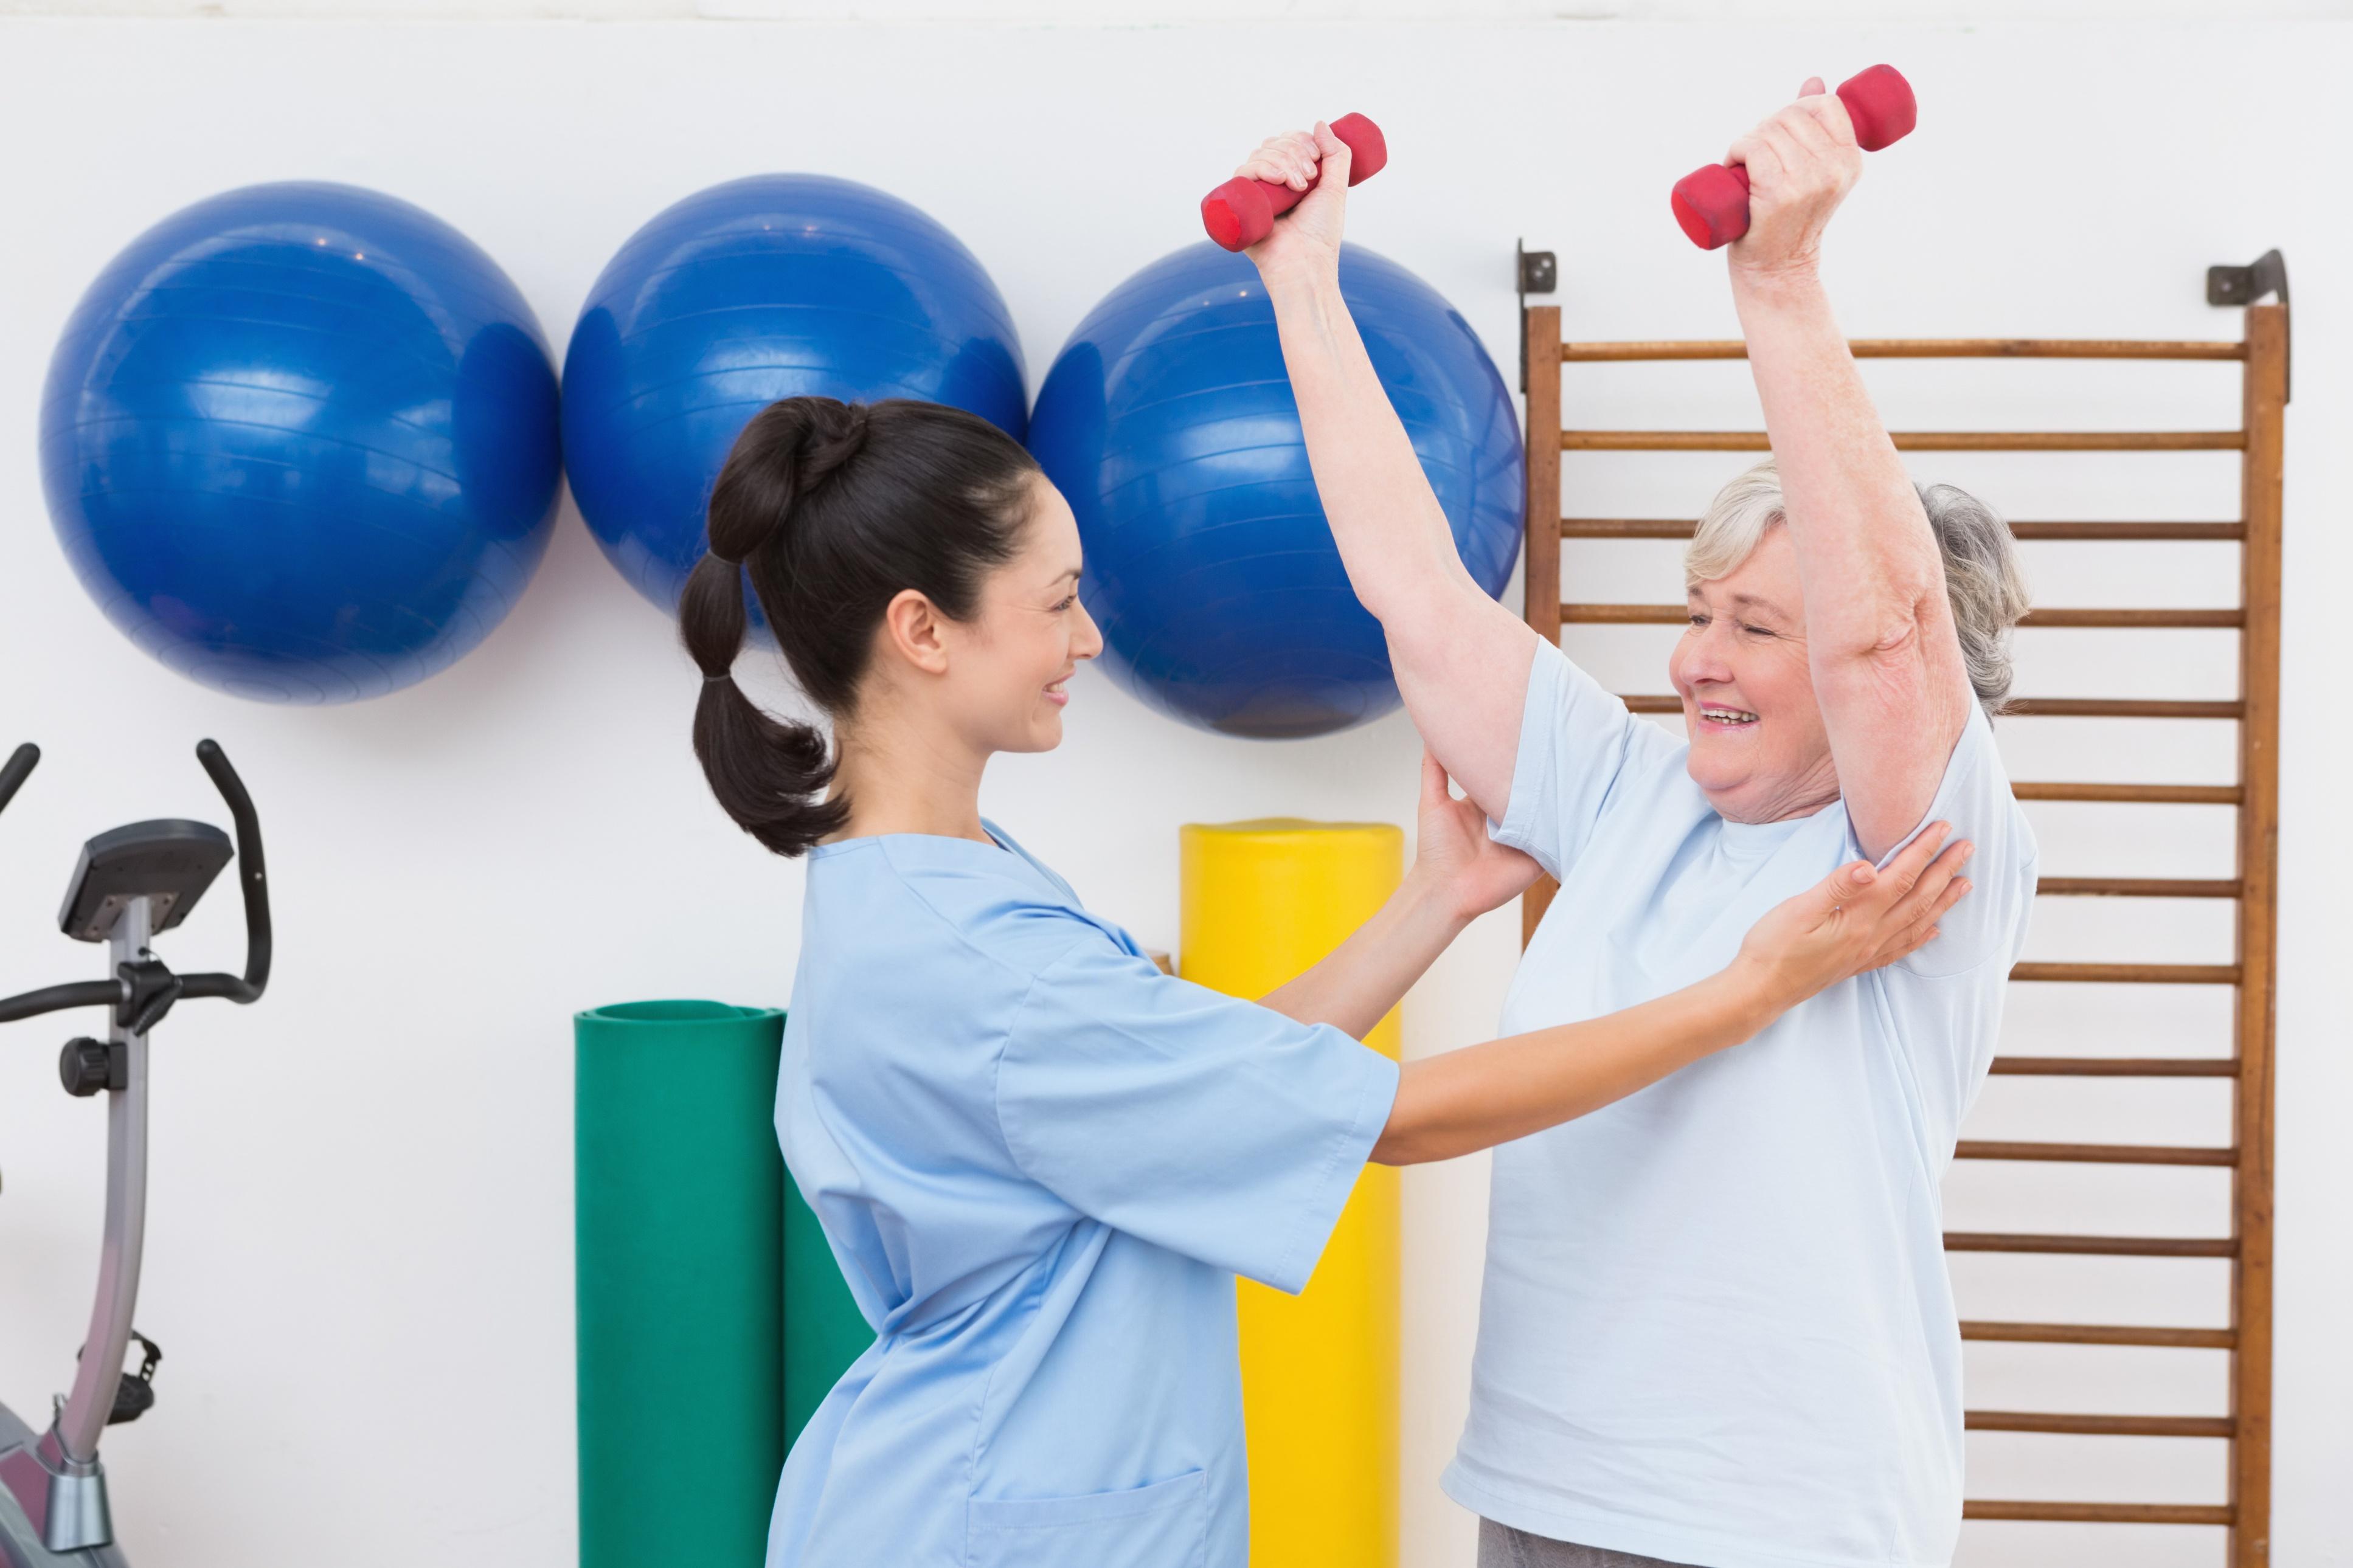 Nurse_doing_fitnessThinkstockPhotos-474647990